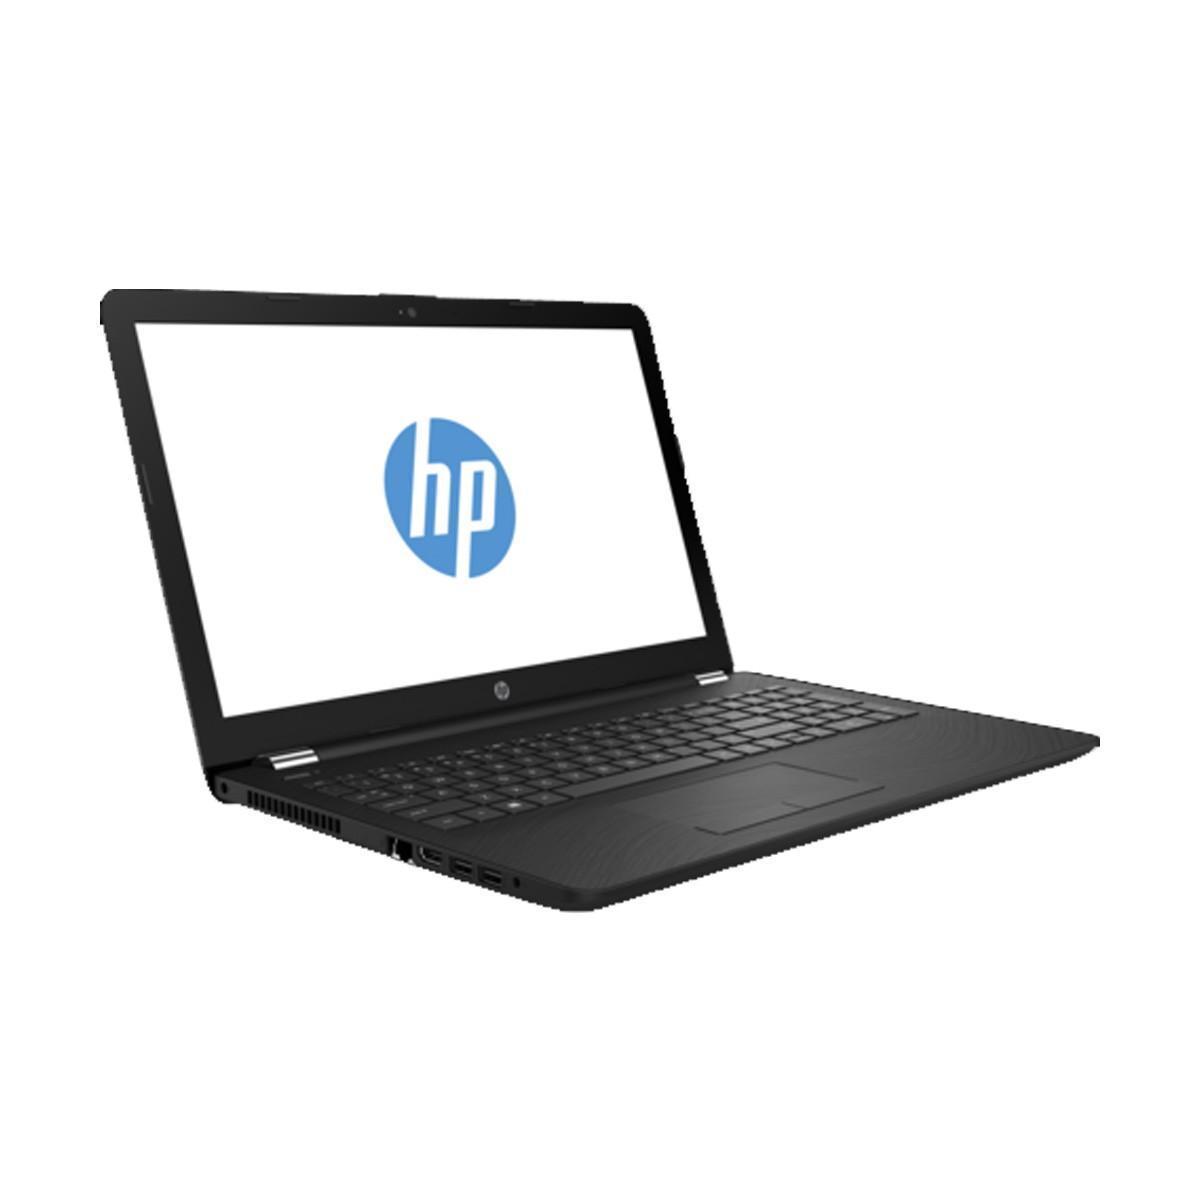 HP 15 DA0055TU i3 7020U/4GB/1TB/Win10 (4NA89PA)